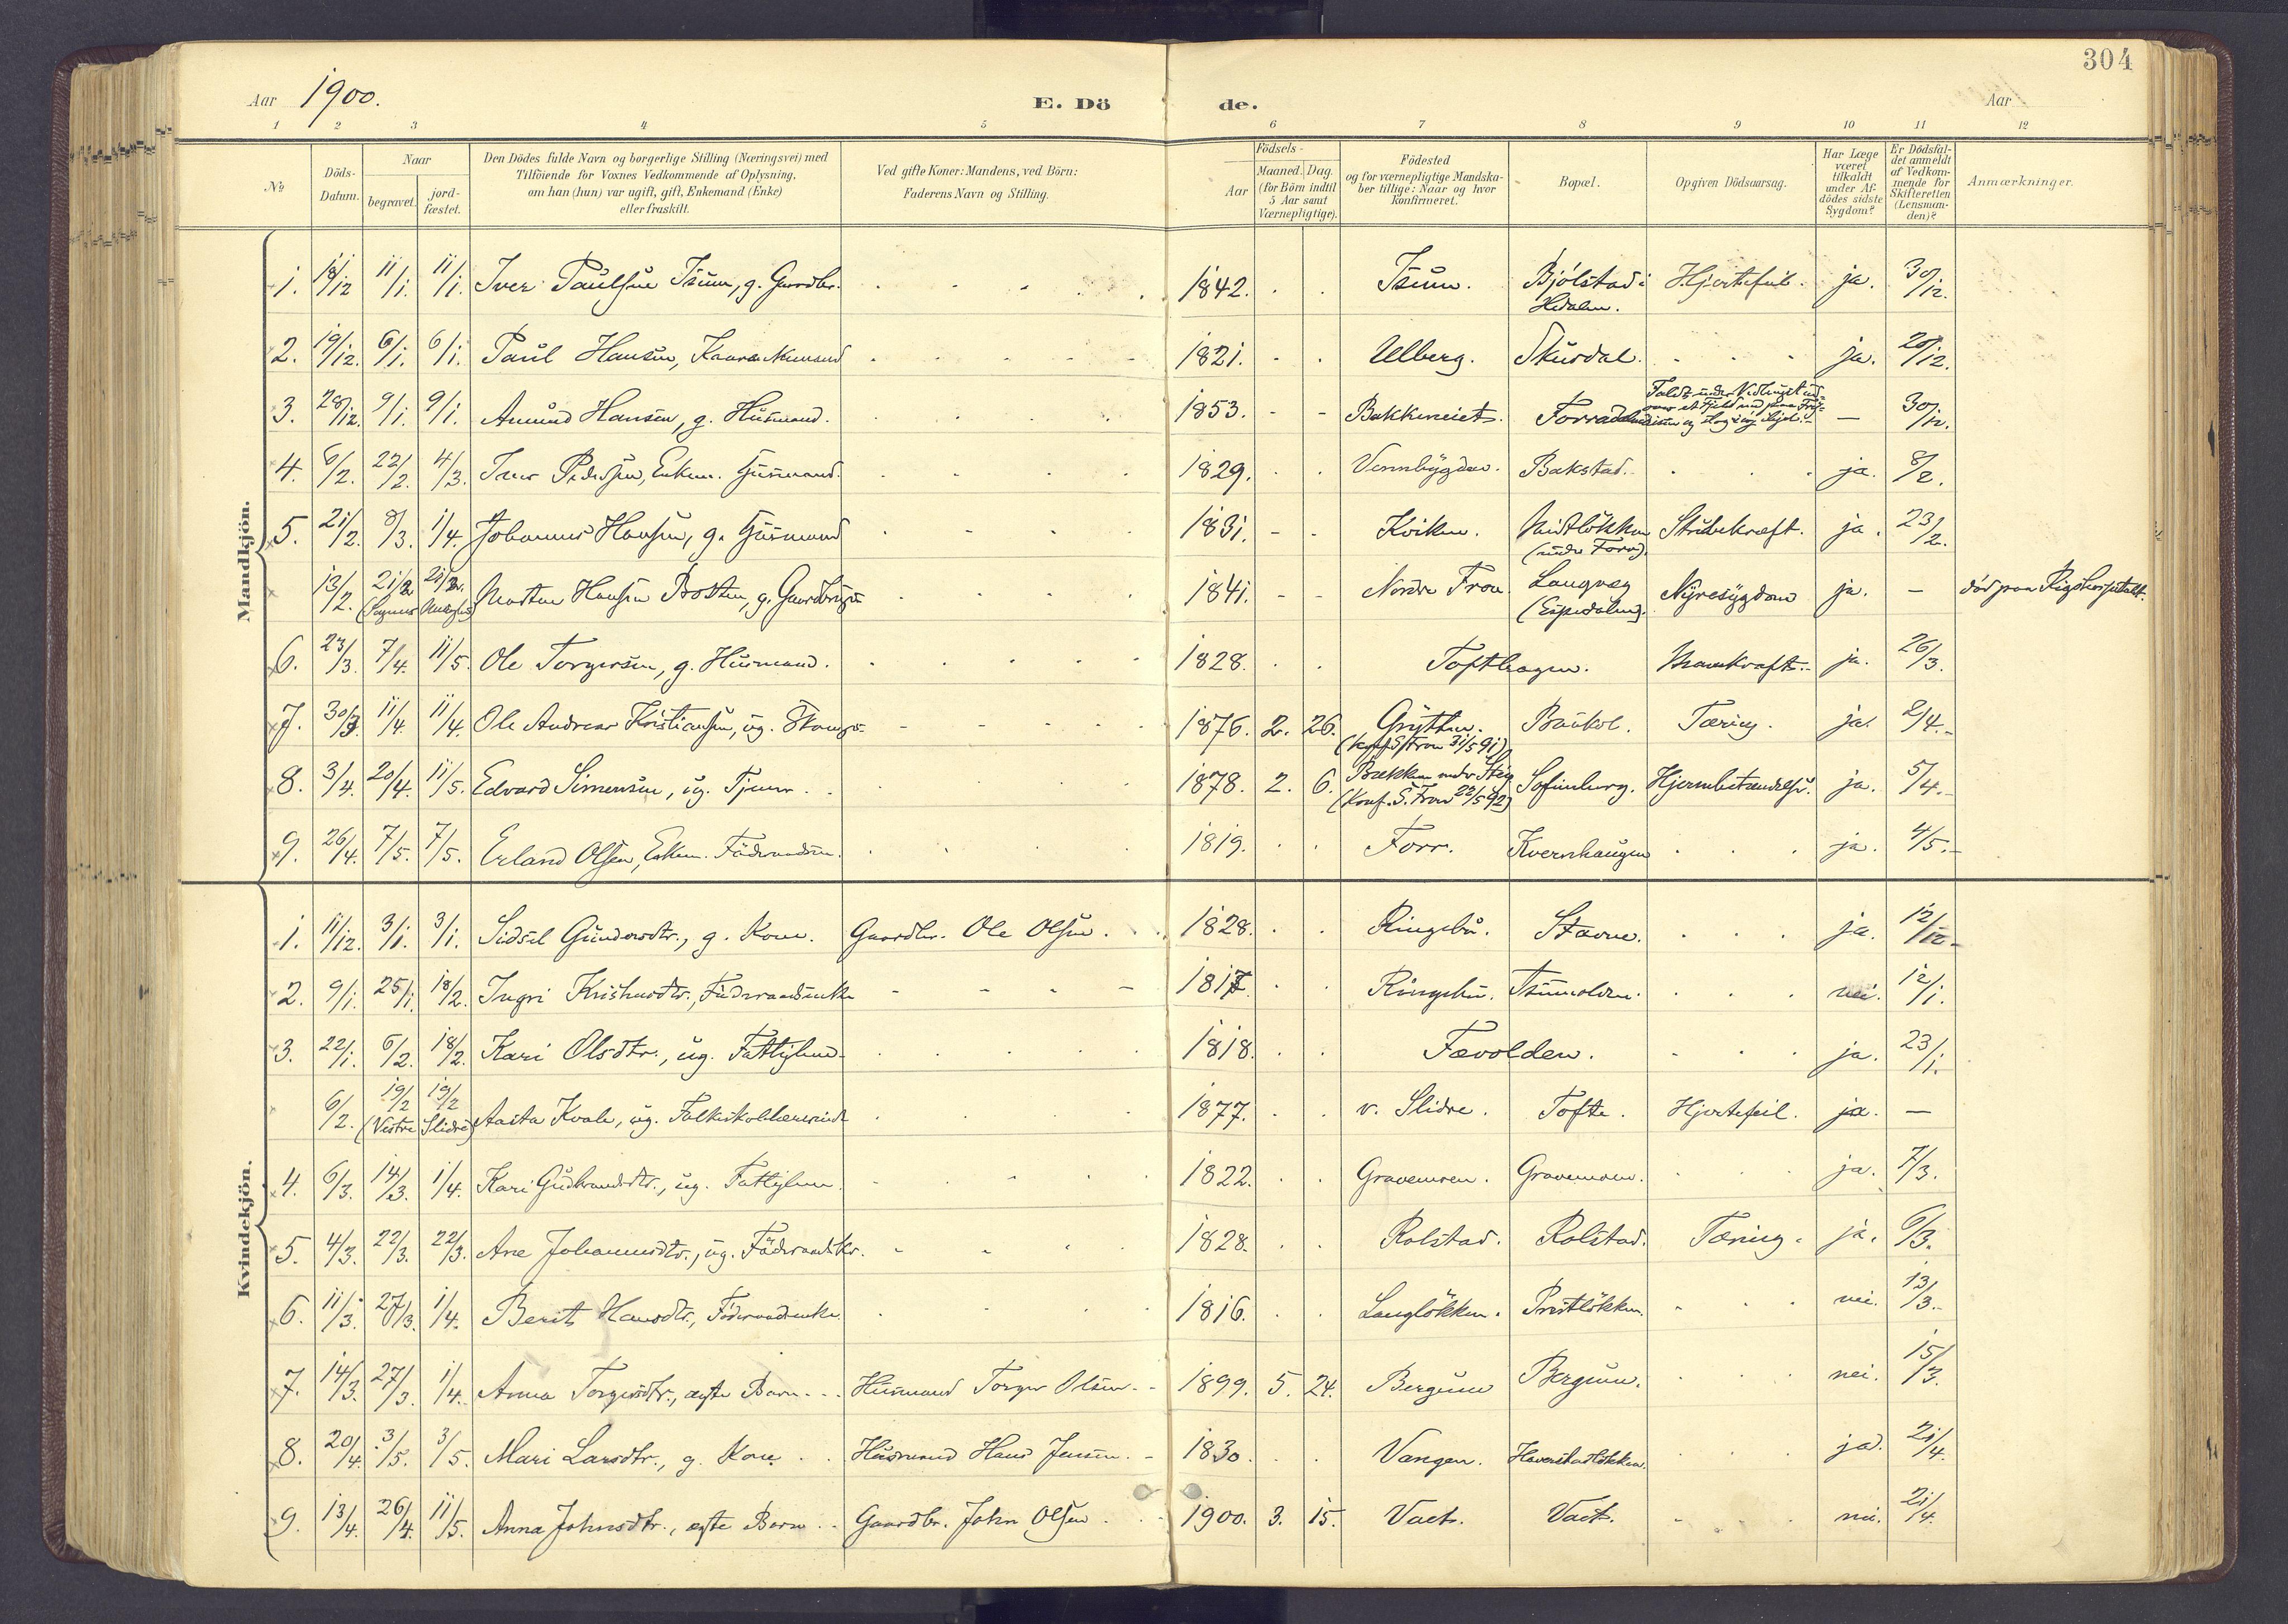 SAH, Sør-Fron prestekontor, H/Ha/Haa/L0004: Ministerialbok nr. 4, 1898-1919, s. 304